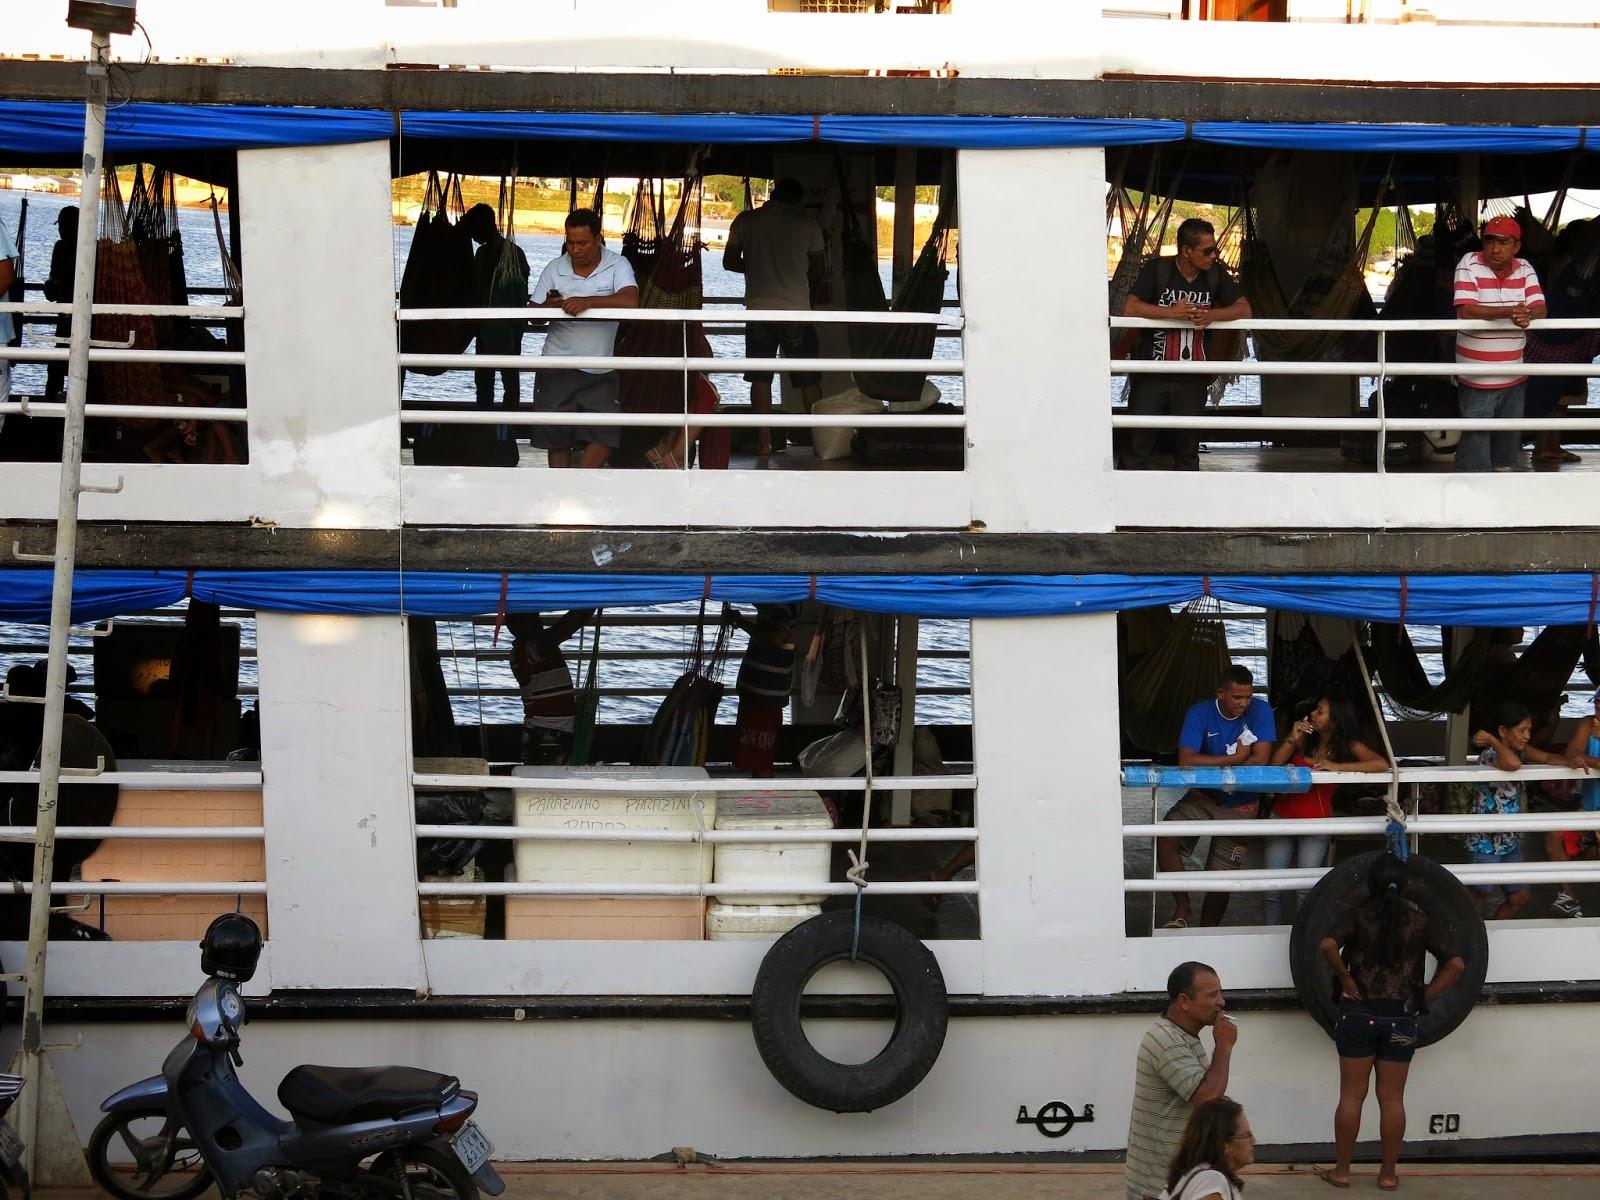 Viagem em barco comunitário pelo Rio Solimões, entre Tefé e Manaus.